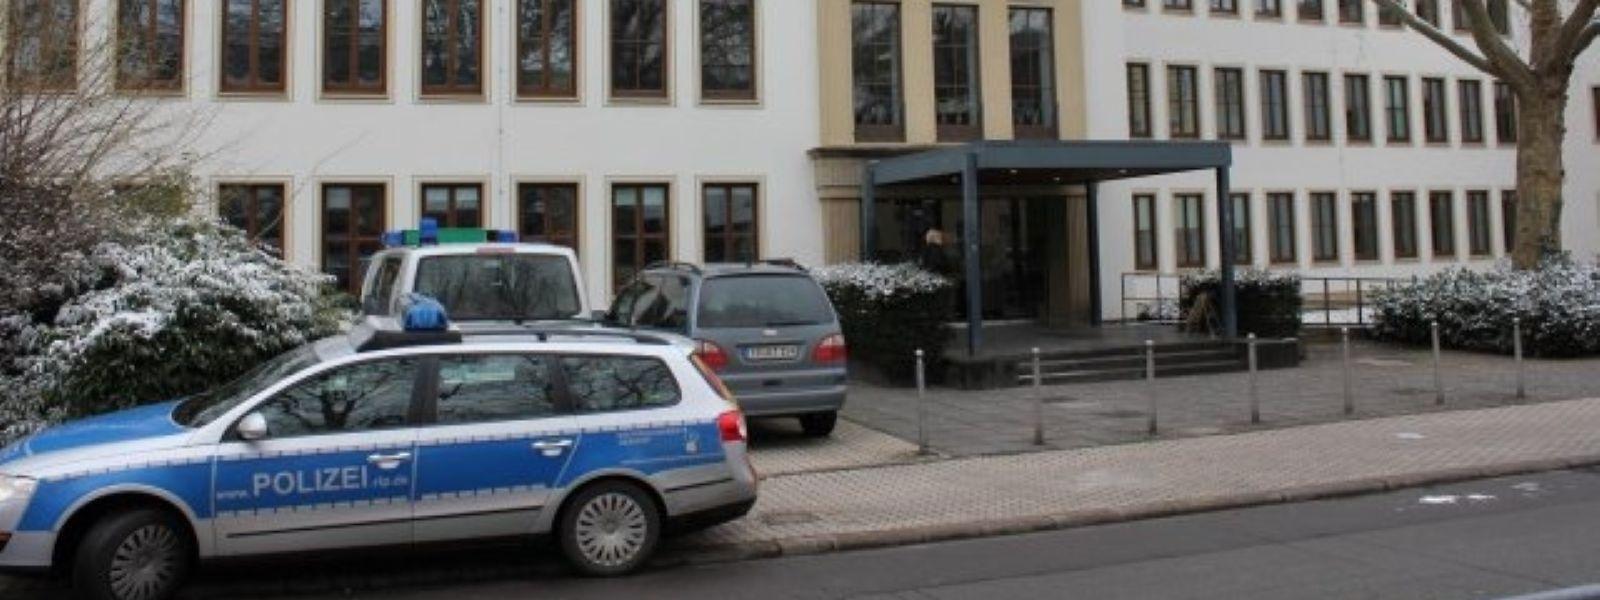 Das Landgericht Trier.